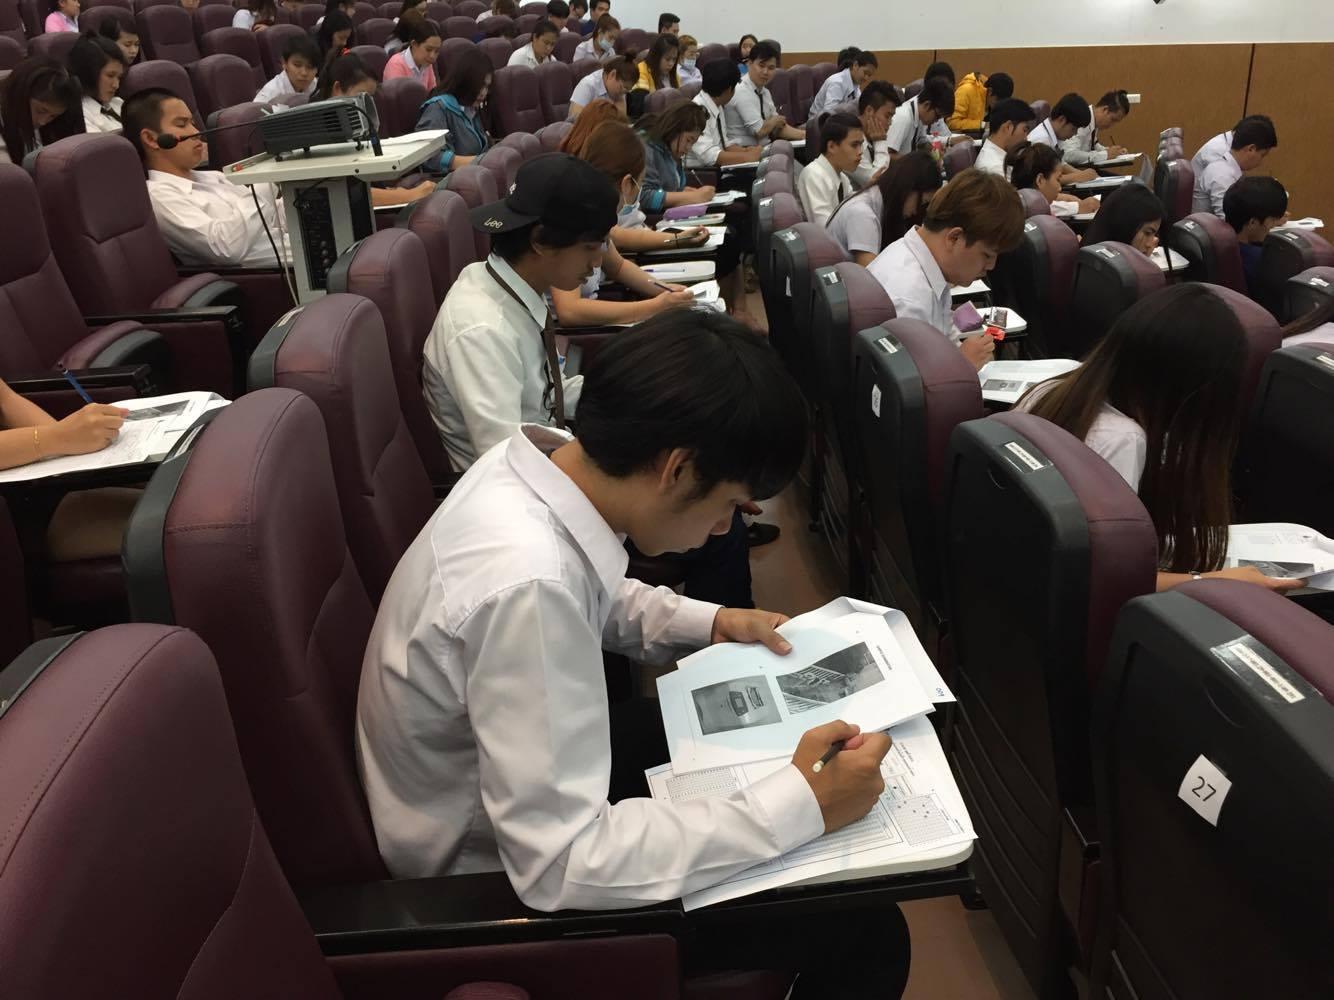 มทร.ล้านนา เชียงราย จัดให้มีการทดสอบ MOCK TOEICให้กับนักศึกษา